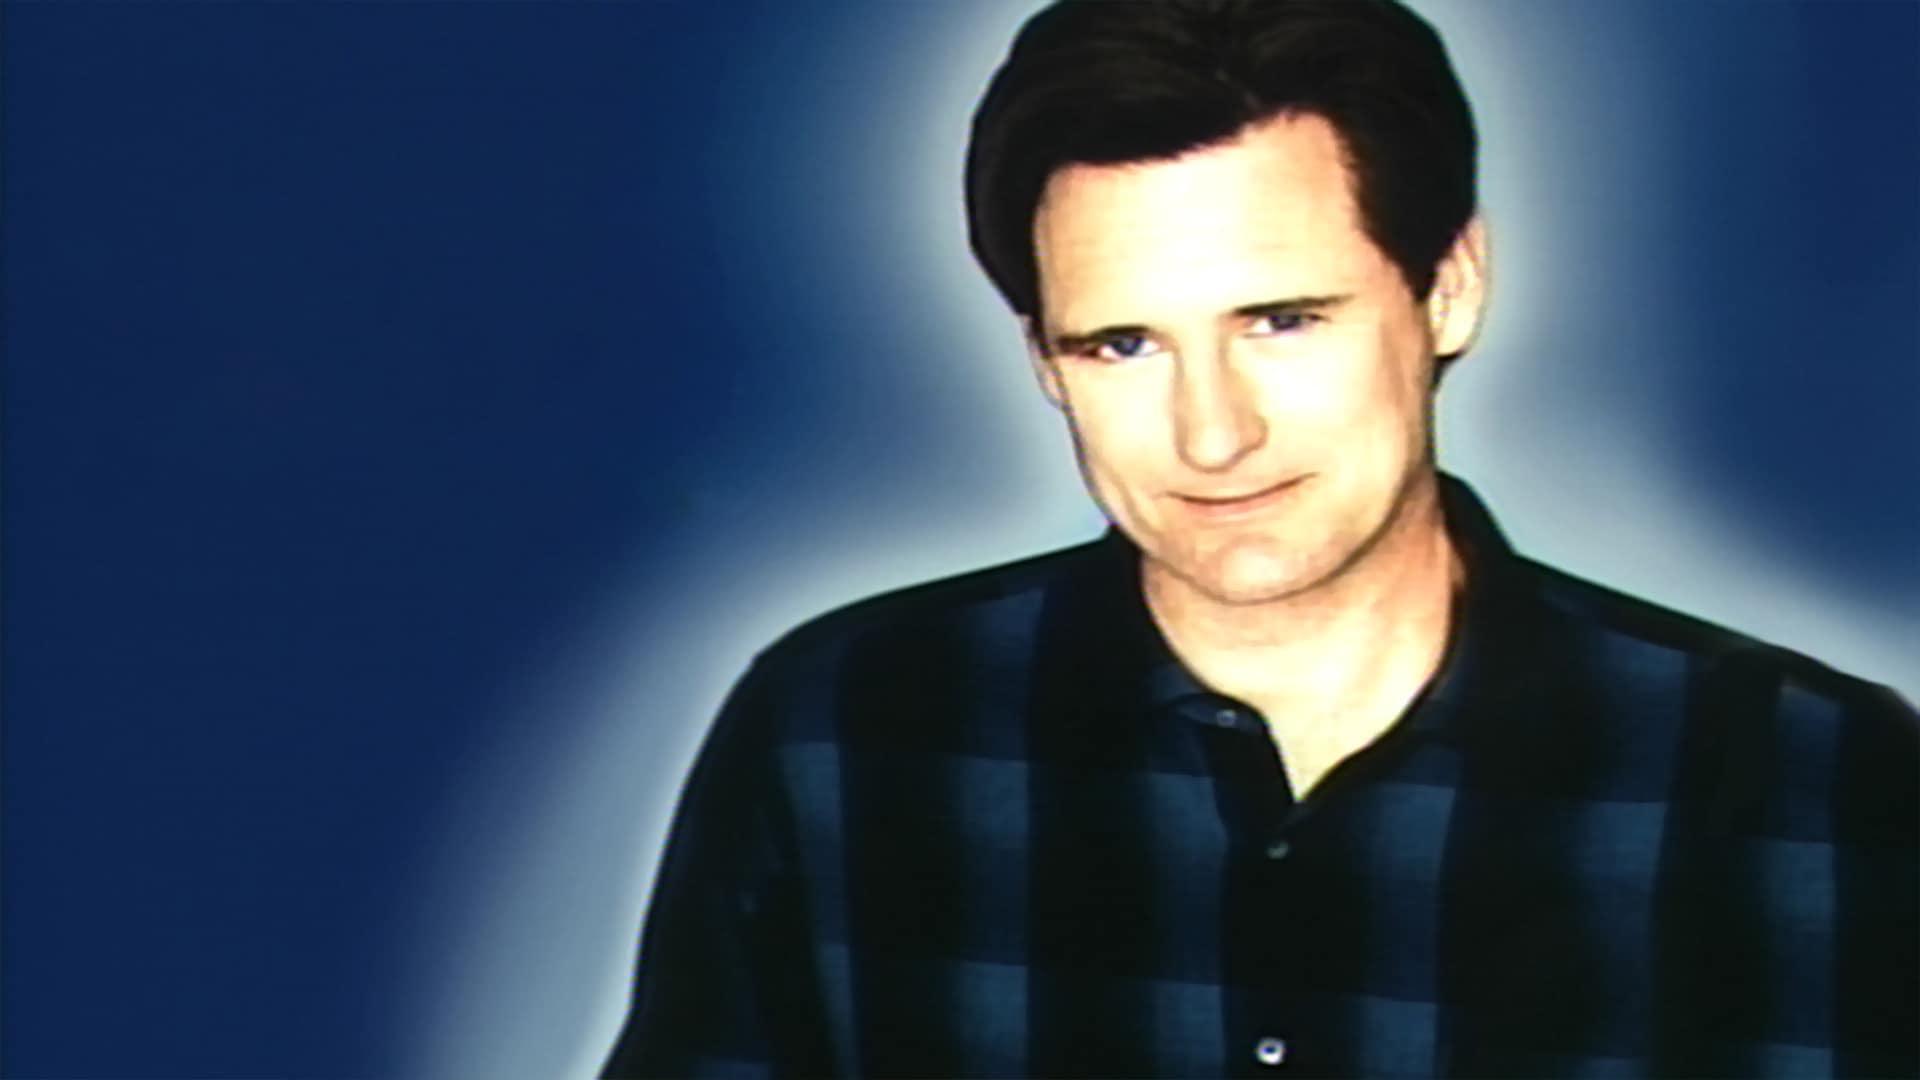 Bill Pullman: October 19, 1996